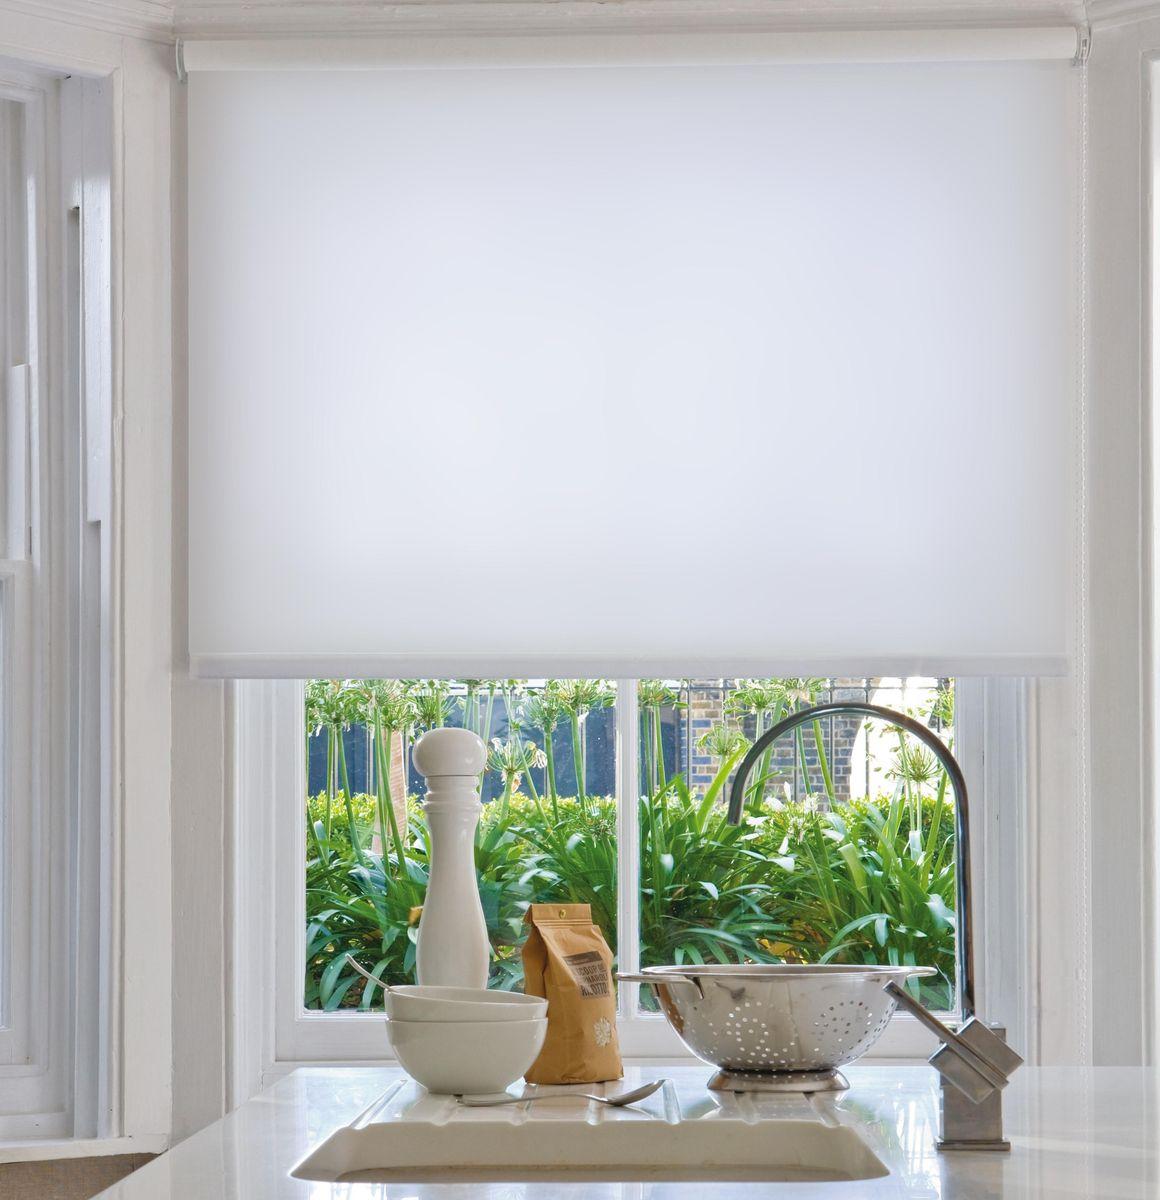 Штора рулонная Эскар, цвет: белый, ширина 80 см, высота 170 см8008080170Рулонными шторами можно оформлять окна как самостоятельно, так и использовать в комбинации с портьерами. Это поможет предотвратить выгорание дорогой ткани на солнце и соединит функционал рулонных с красотой навесных.Преимущества применения рулонных штор для пластиковых окон:- имеют прекрасный внешний вид: многообразие и фактурность материала изделия отлично смотрятся в любом интерьере; - многофункциональны: есть возможность подобрать шторы способные эффективно защитить комнату от солнца, при этом о на не будет слишком темной. - Есть возможность осуществить быстрый монтаж. ВНИМАНИЕ! Размеры ширины изделия указаны по ширине ткани!Во время эксплуатации не рекомендуется полностью разматывать рулон, чтобы не оторвать ткань от намоточного вала.В случае загрязнения поверхности ткани, чистку шторы проводят одним из способов, в зависимости от типа загрязнения: легкое поверхностное загрязнение можно удалить при помощи канцелярского ластика; чистка от пыли производится сухим методом при помощи пылесоса с мягкой щеткой-насадкой; для удаления пятна используйте мягкую губку с пенообразующим неагрессивным моющим средством или пятновыводитель на натуральной основе (нельзя применять растворители).